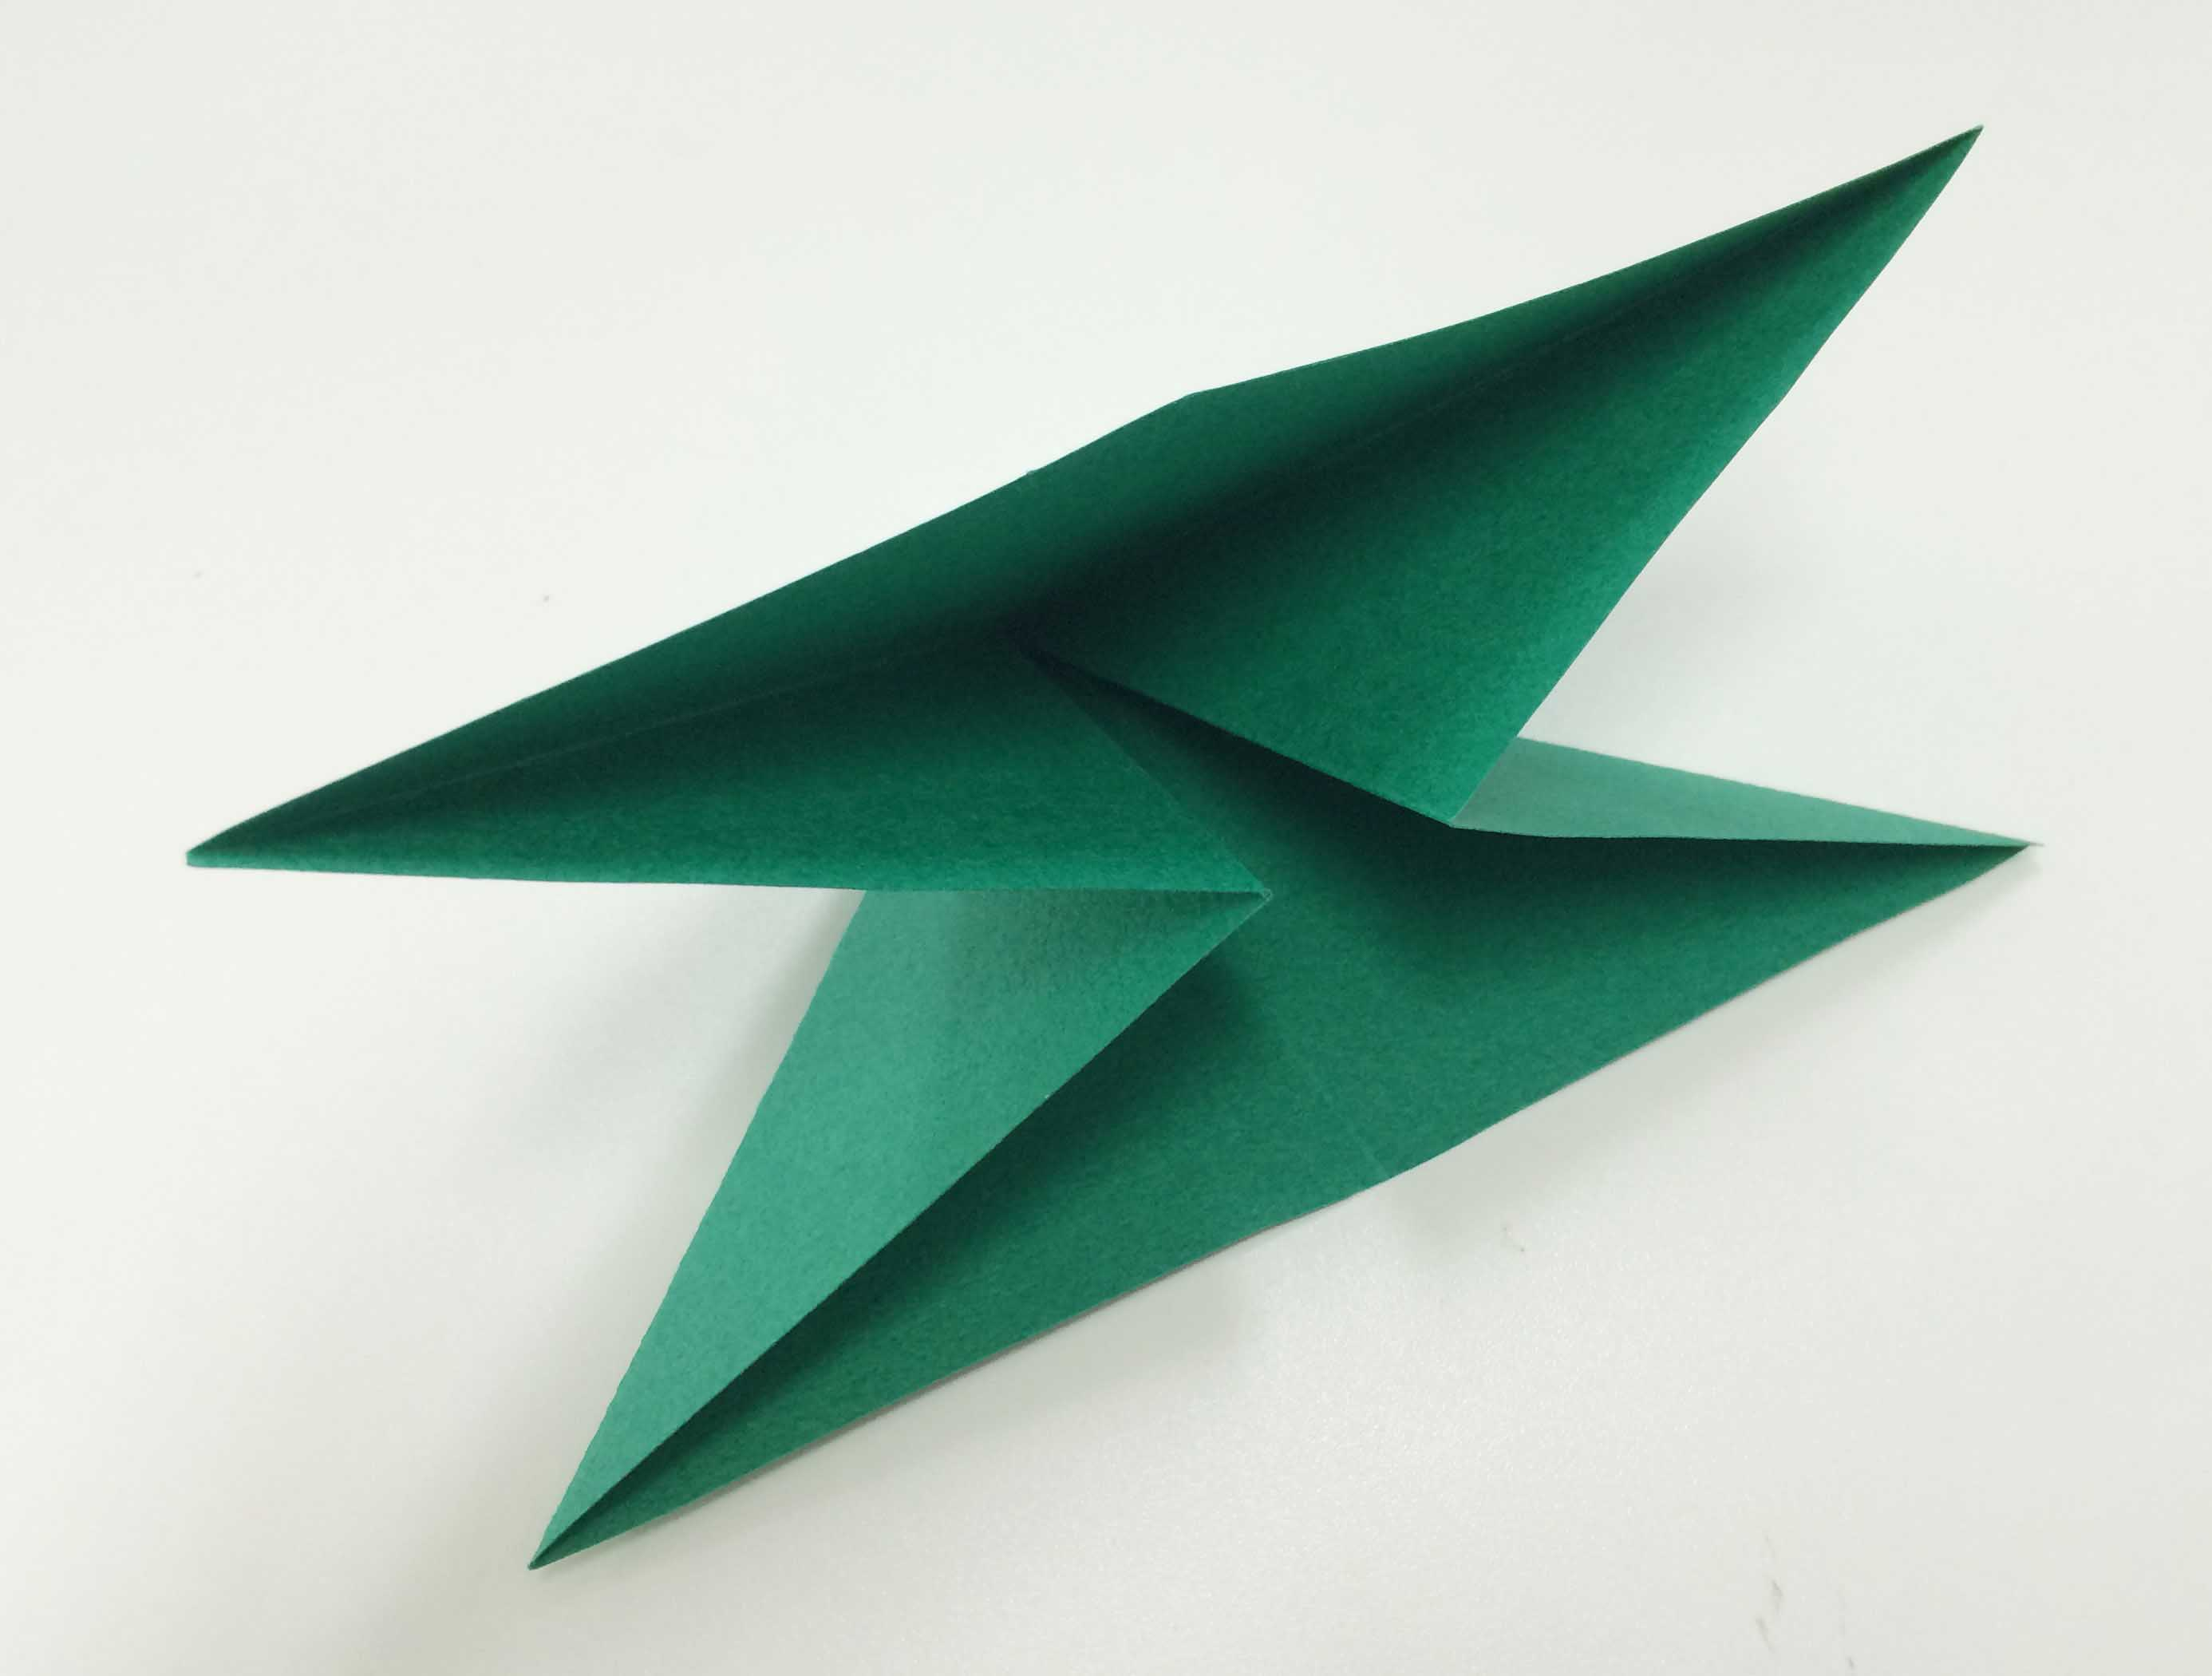 3. 接著按照折痕的模樣,折疊成一個三角形口袋的模樣!